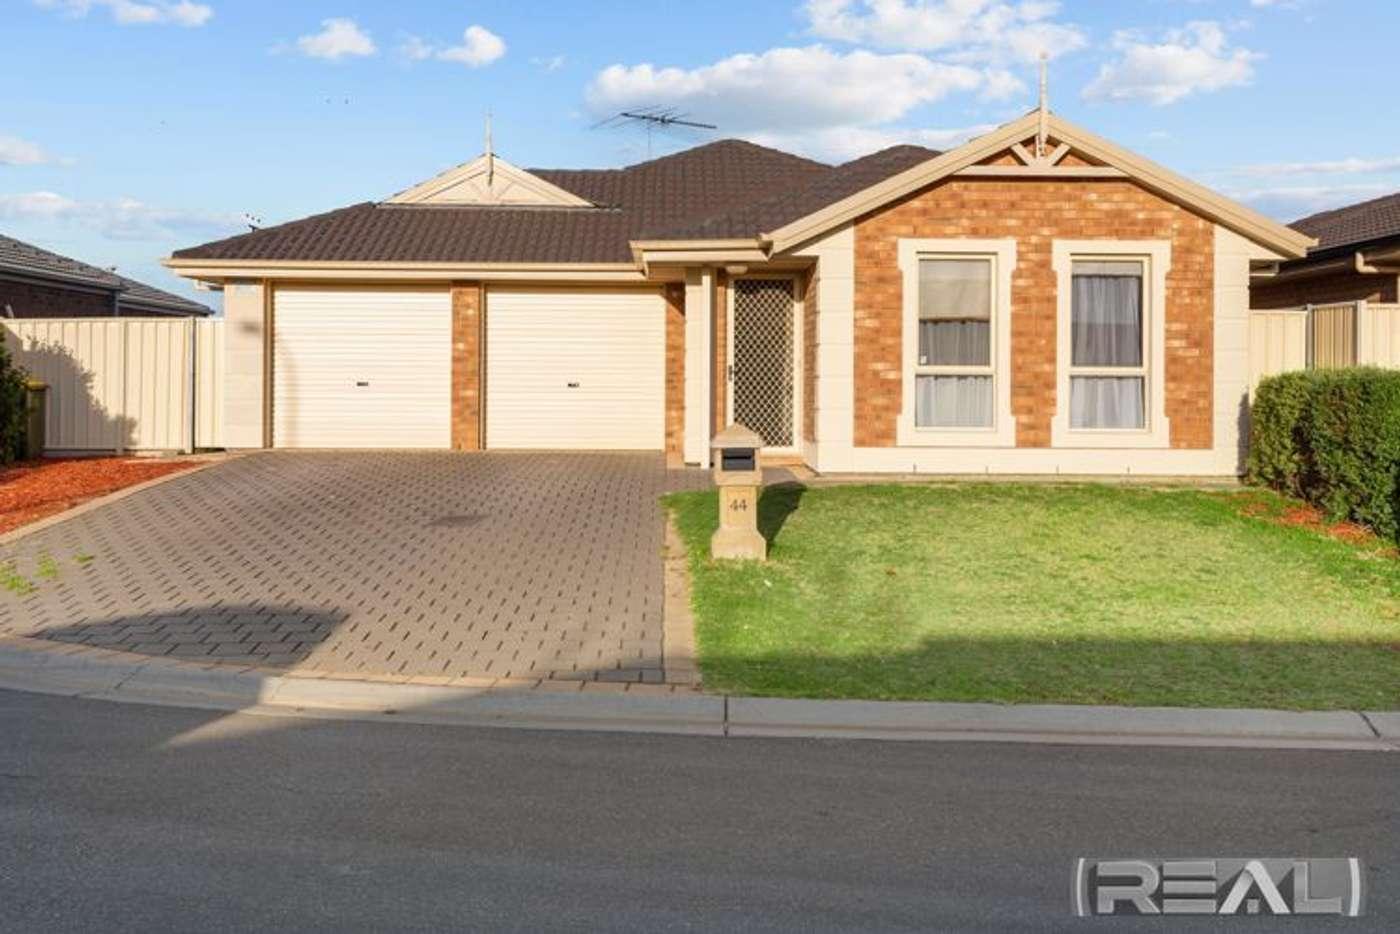 Main view of Homely house listing, 44 Librandi Street, Munno Para West SA 5115